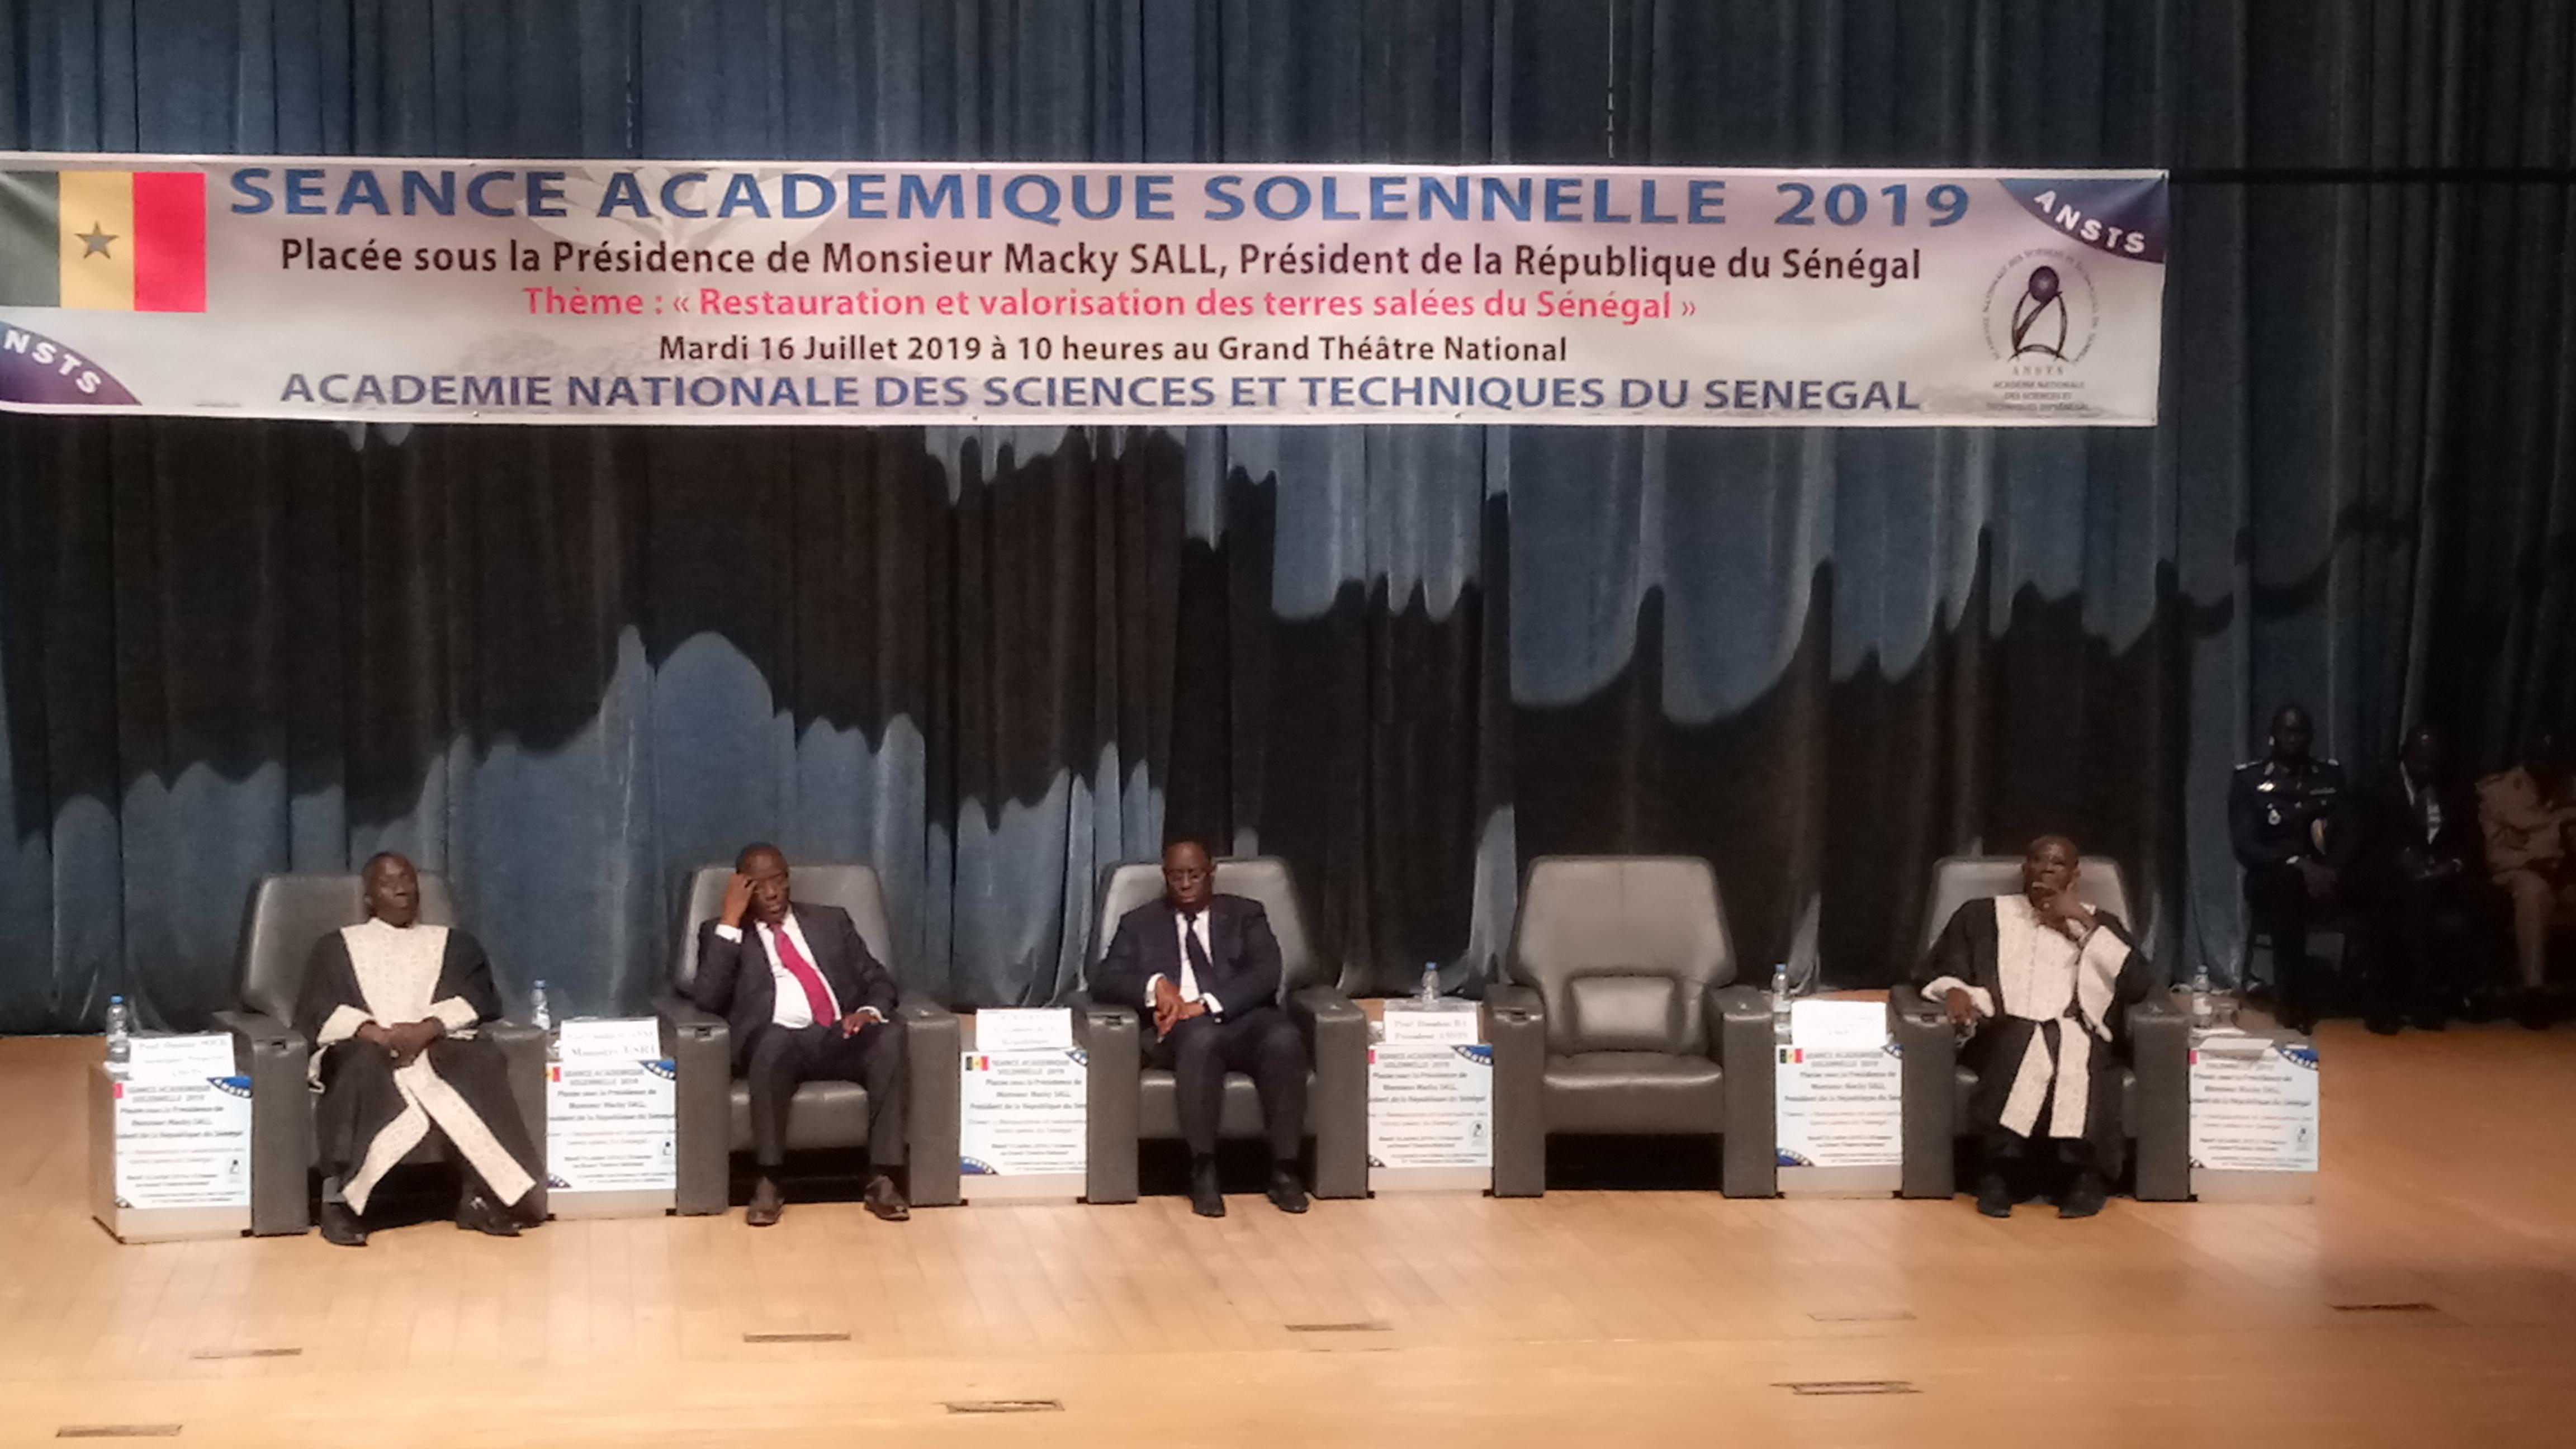 SÉANCE ACADÉMIQUE SOLENNELLE 2019 : Macky Sall  aux  académiciens